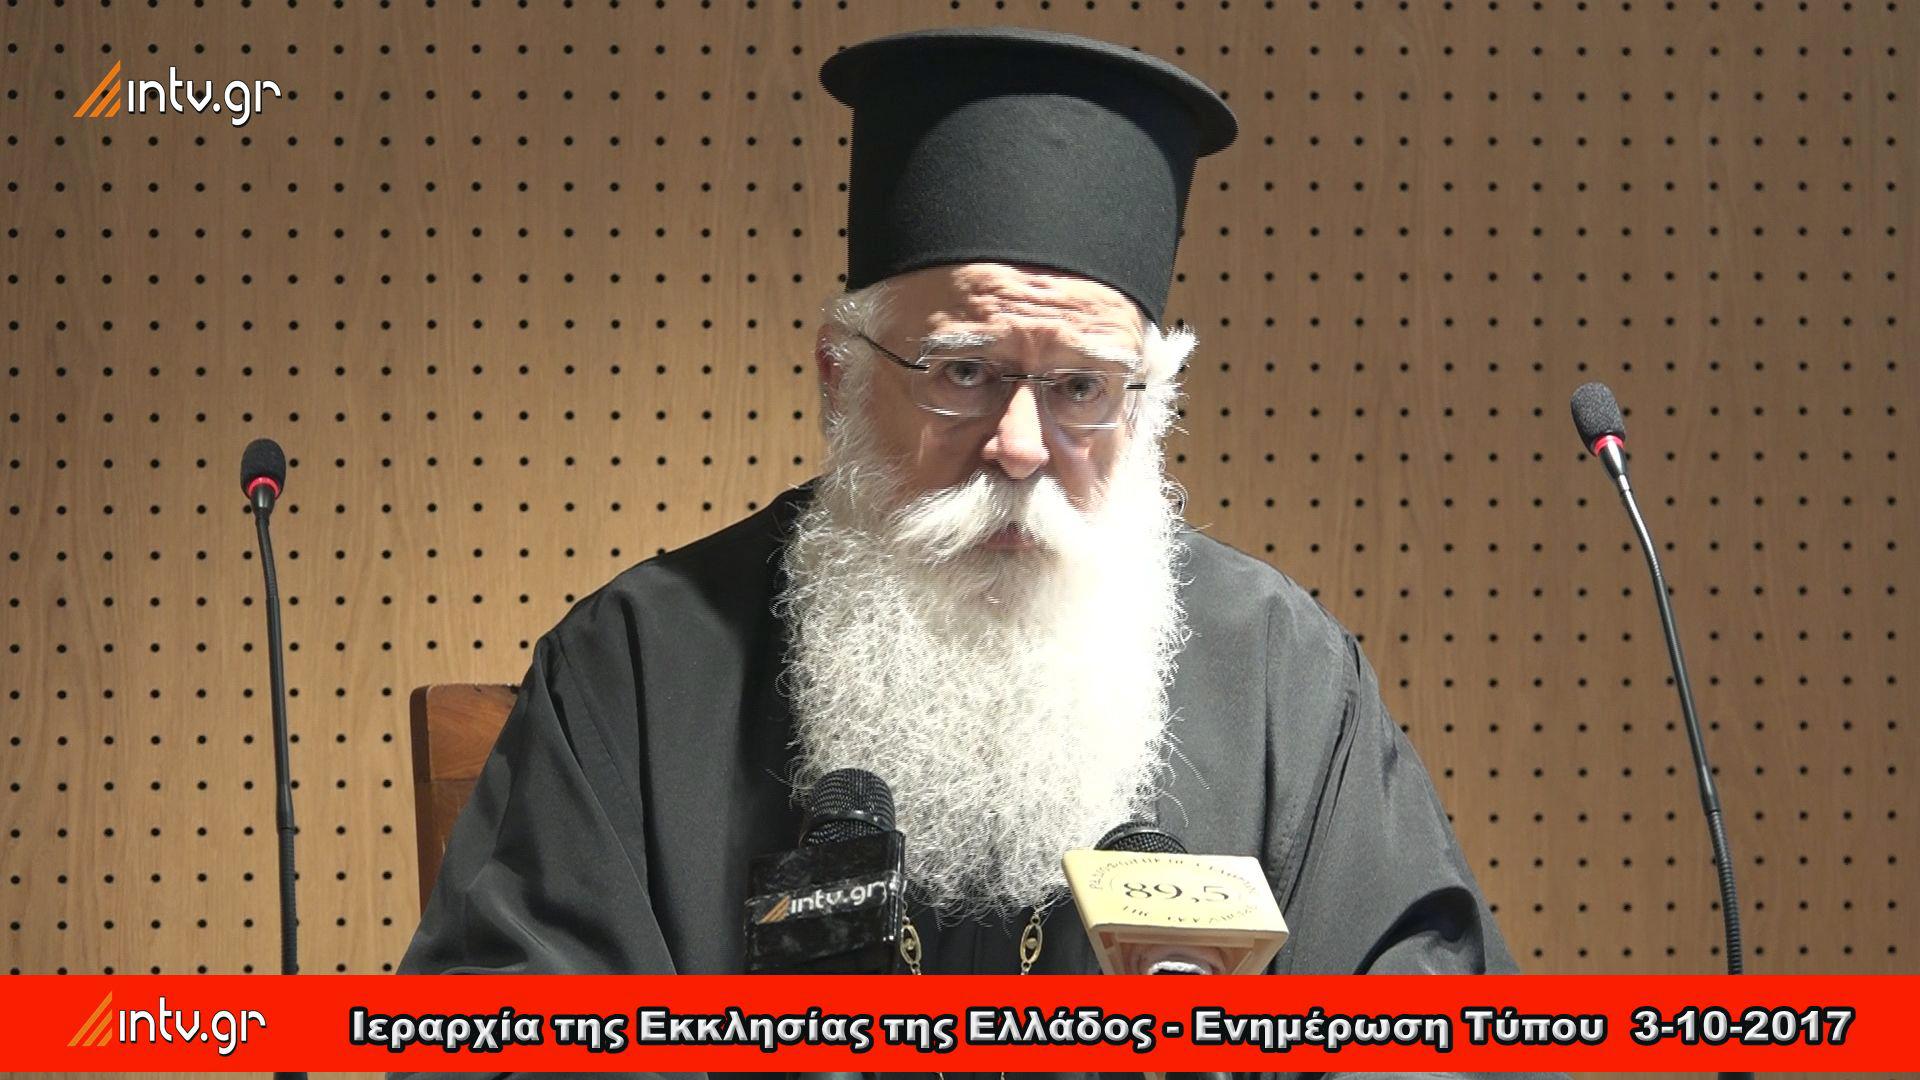 Ιεραρχία της Εκκλησίας της Ελλάδος - Ενημέρωση Τύπου 3-10-2017